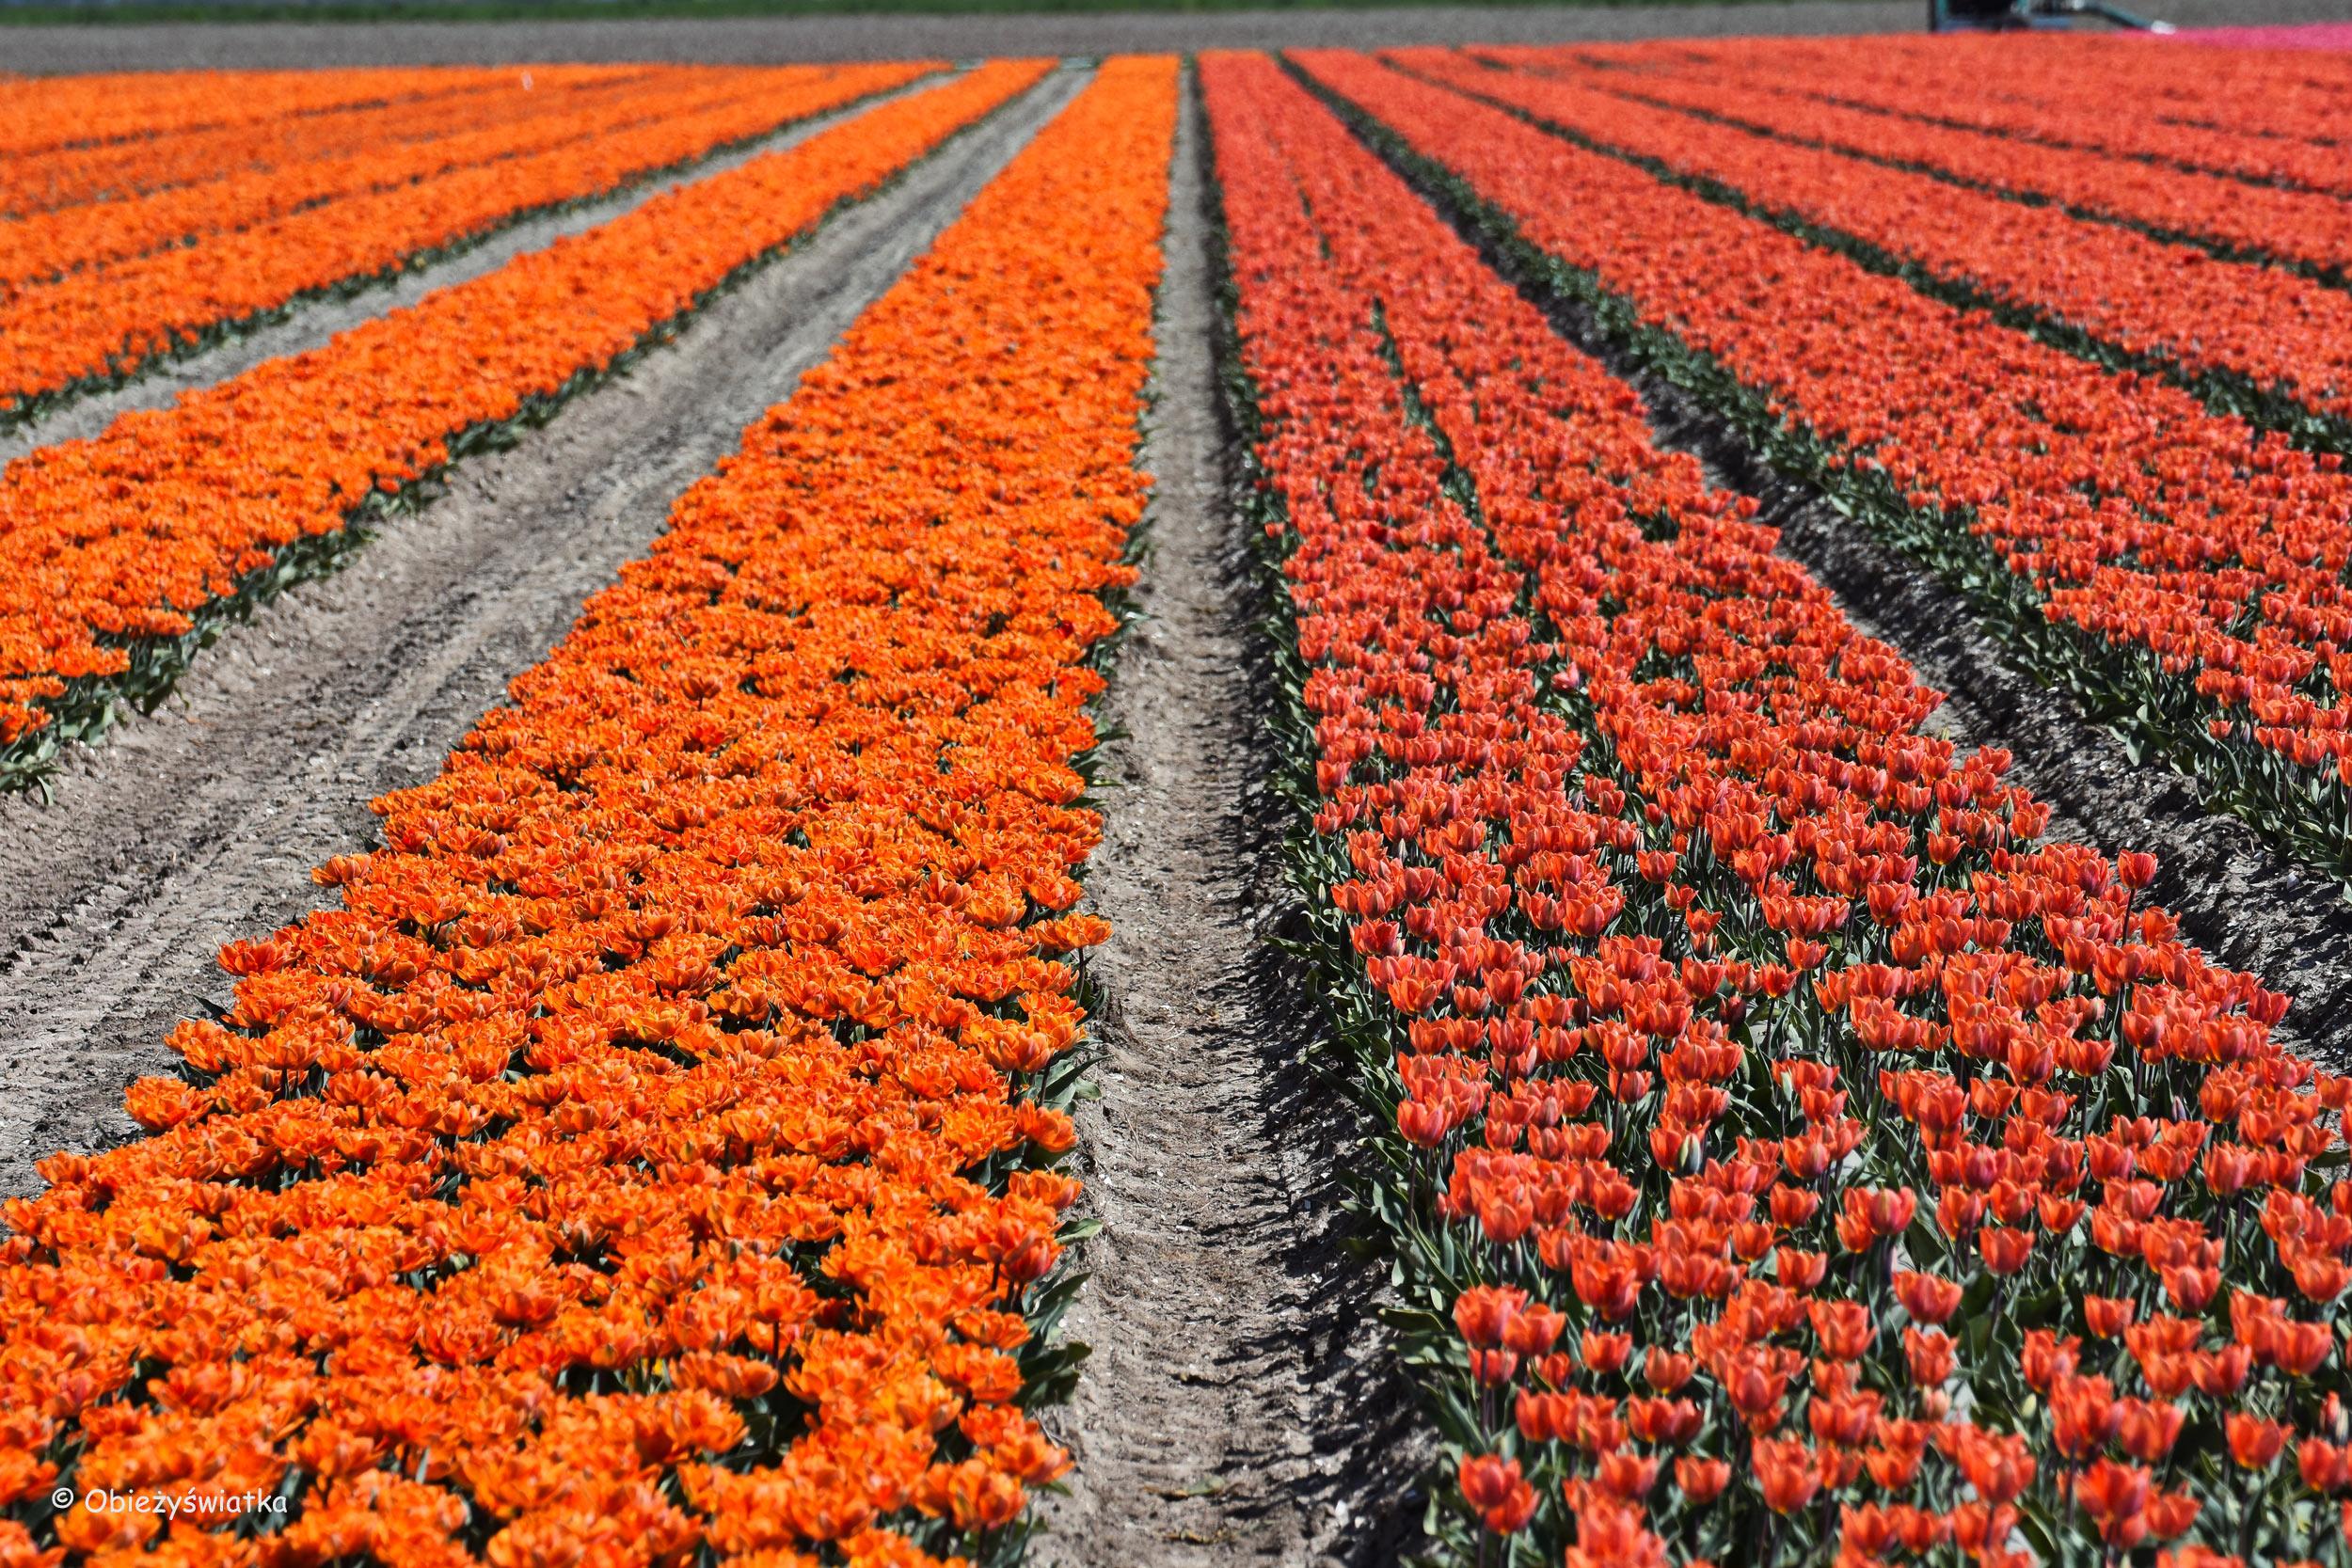 Tulipanowe pola w Holandii - na pomarańczowo